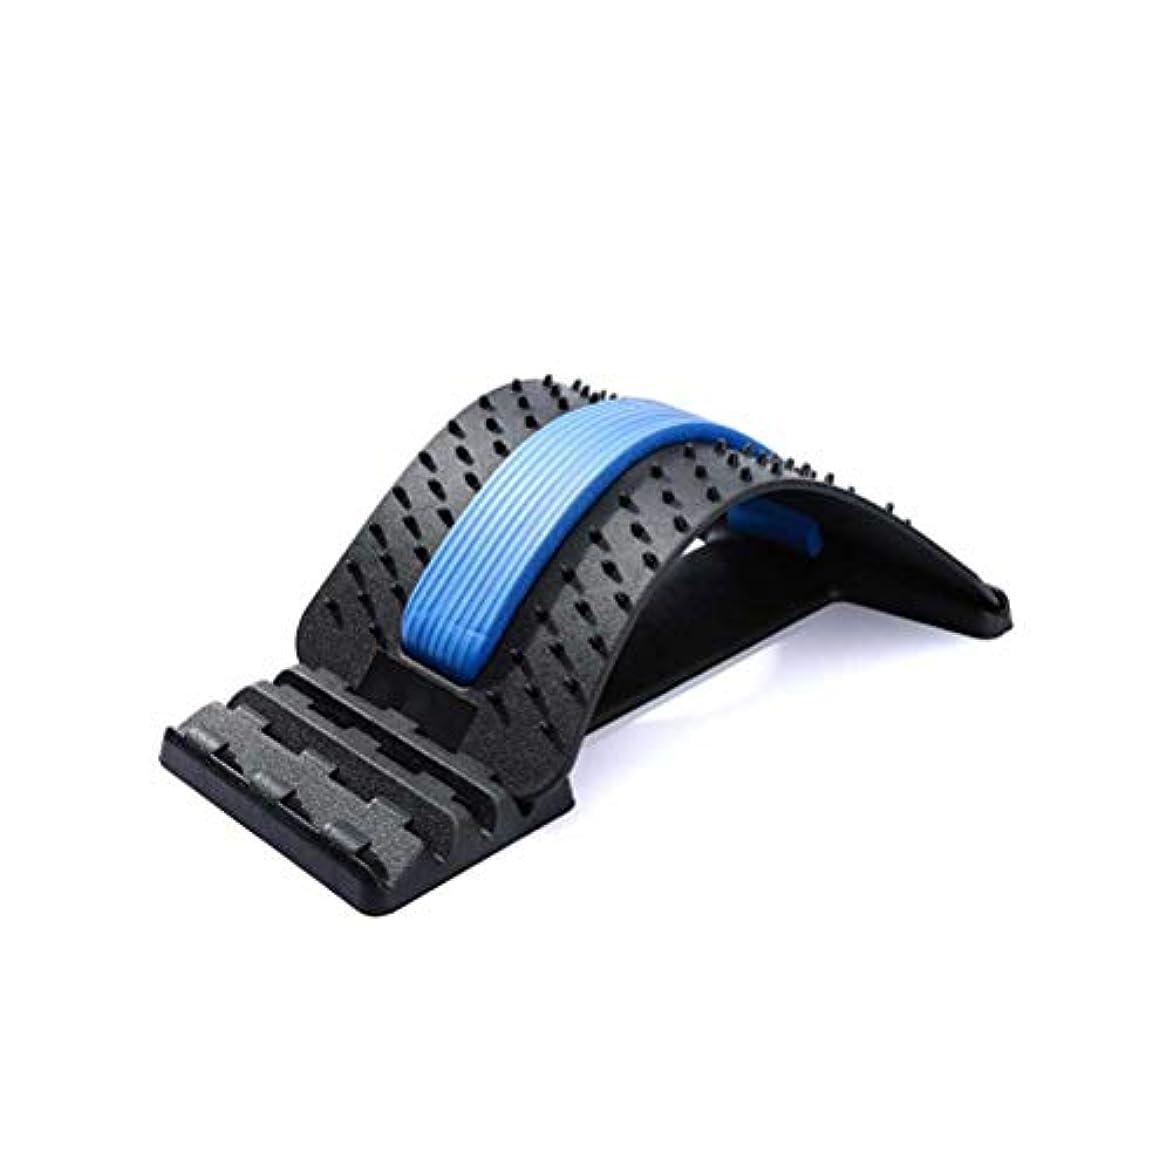 クルーズ噴水引き金SUPVOXバックストレッチングデバイスバックマッサージャーランバーサポートストレッチャー脊椎の背中の痛み筋肉痛の緩和用オフィスチェア(ブラックブルー)